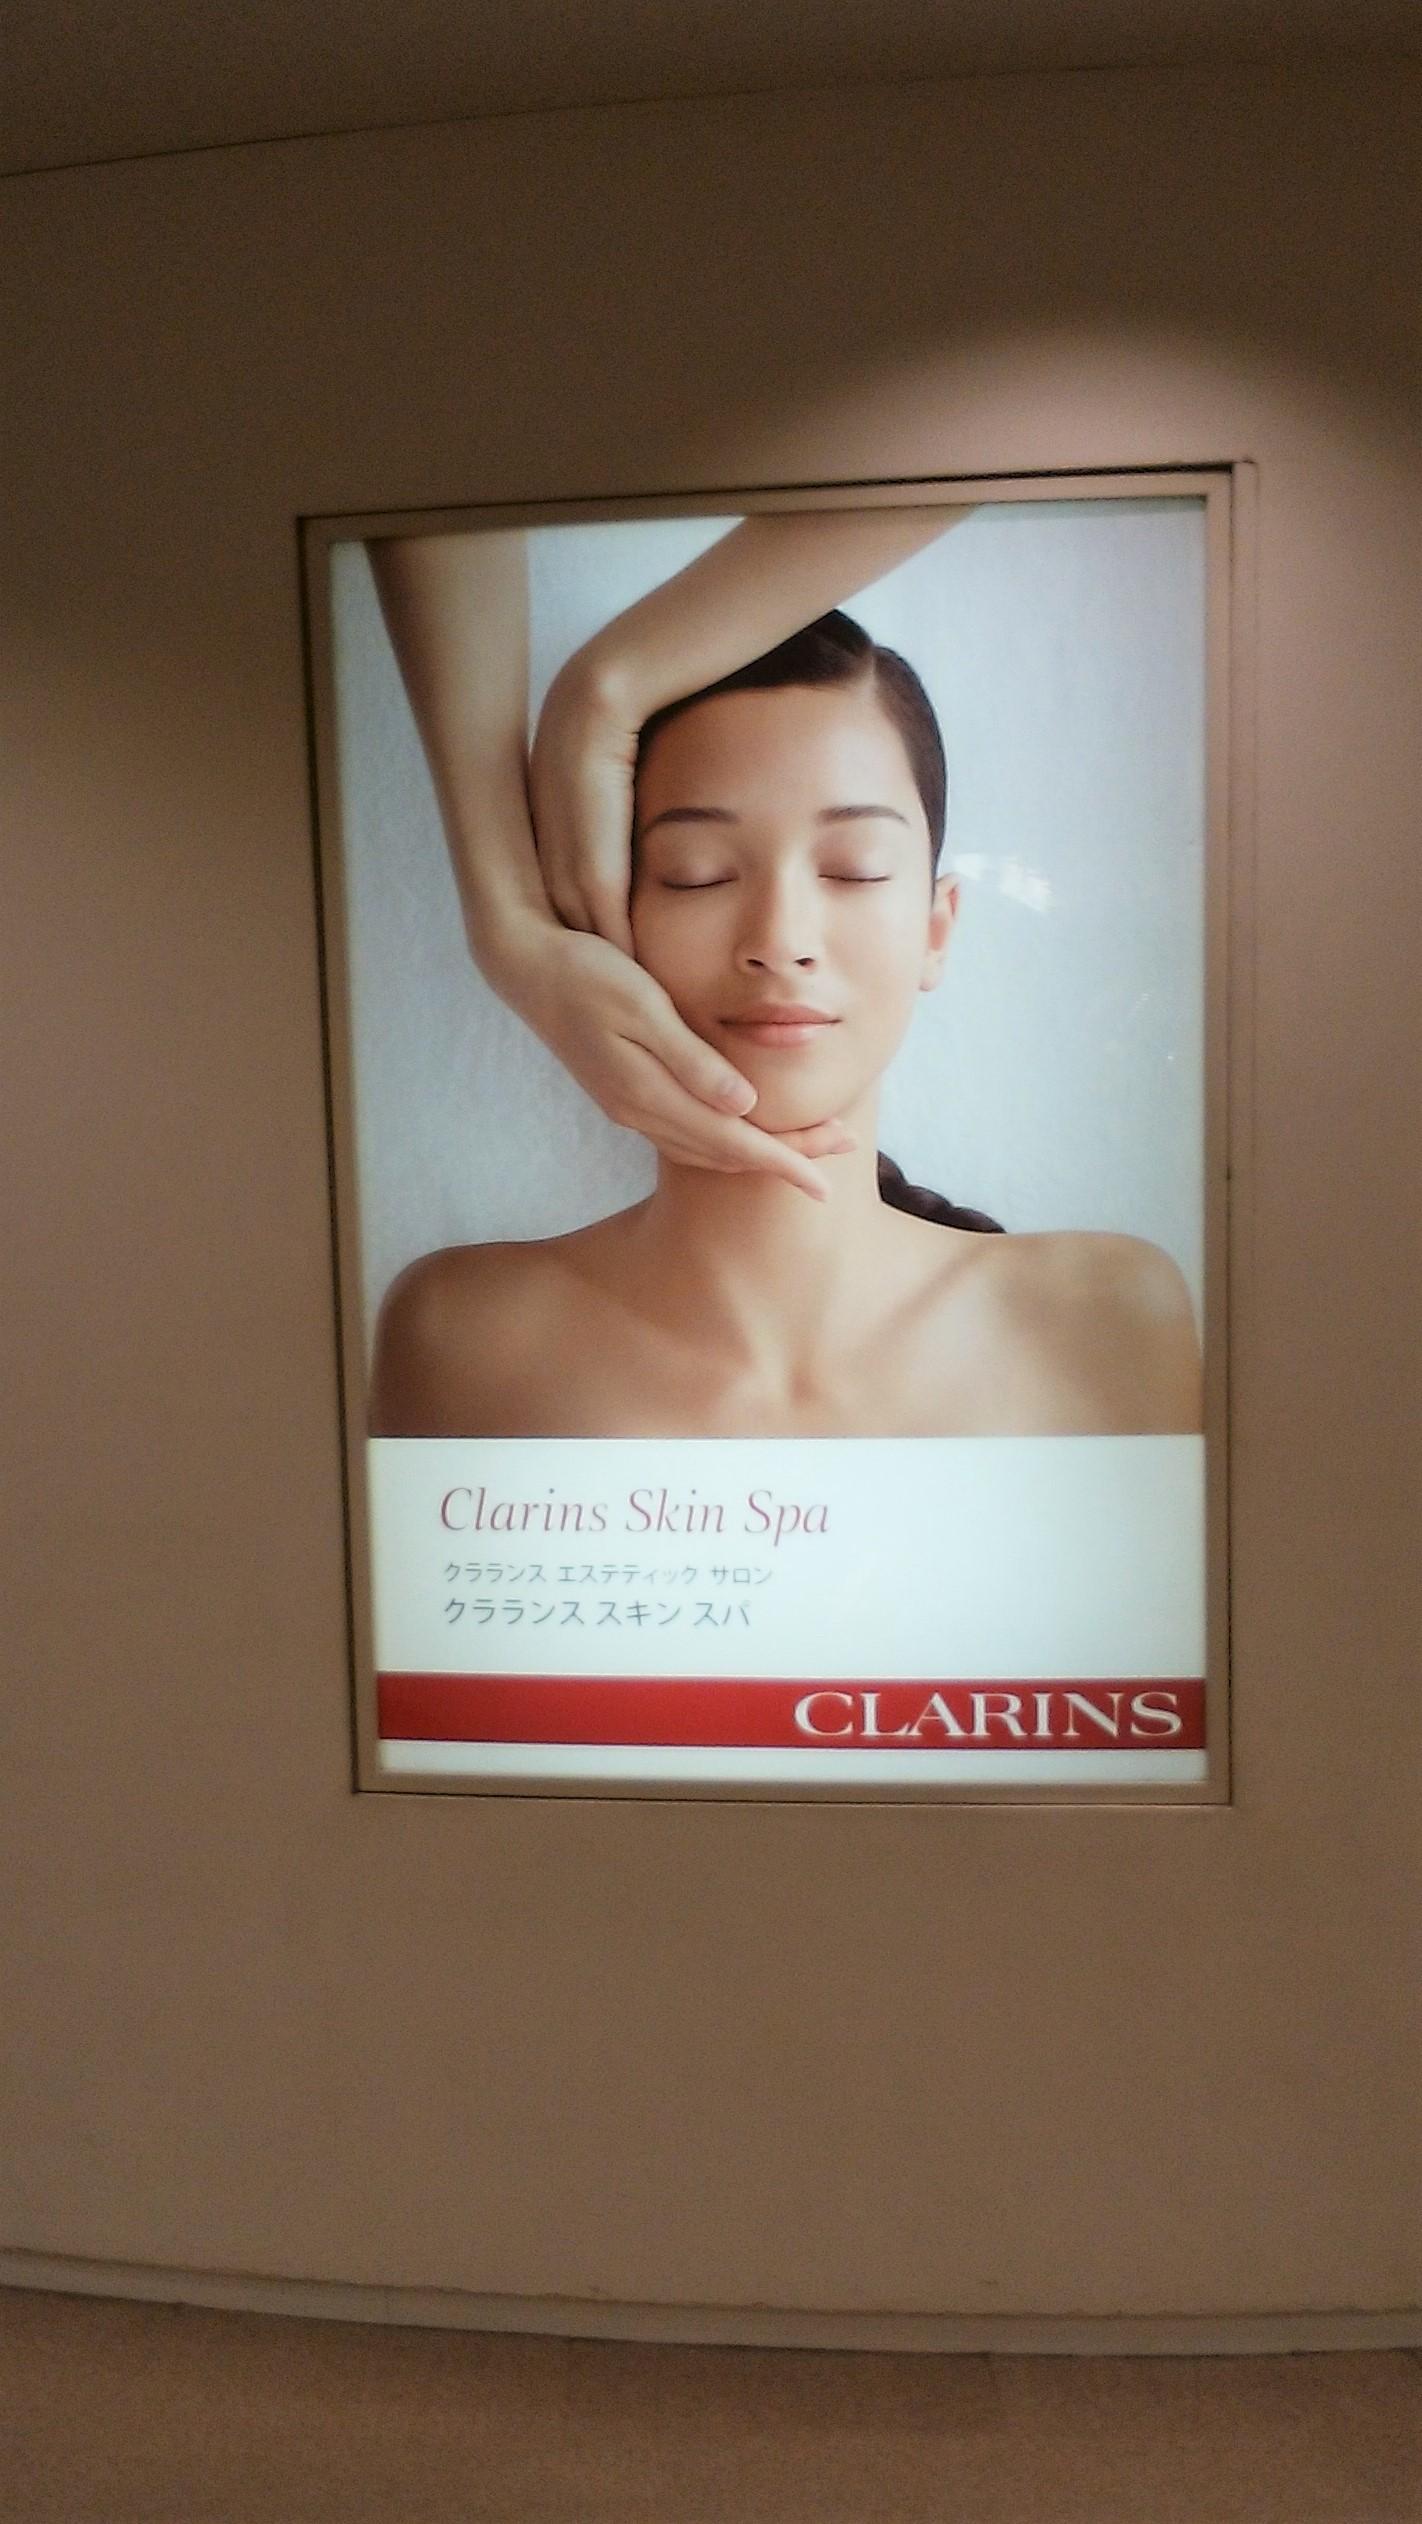 「CLARINS skin spa」 で夏のお肌のお手入れ♡_1_1-1